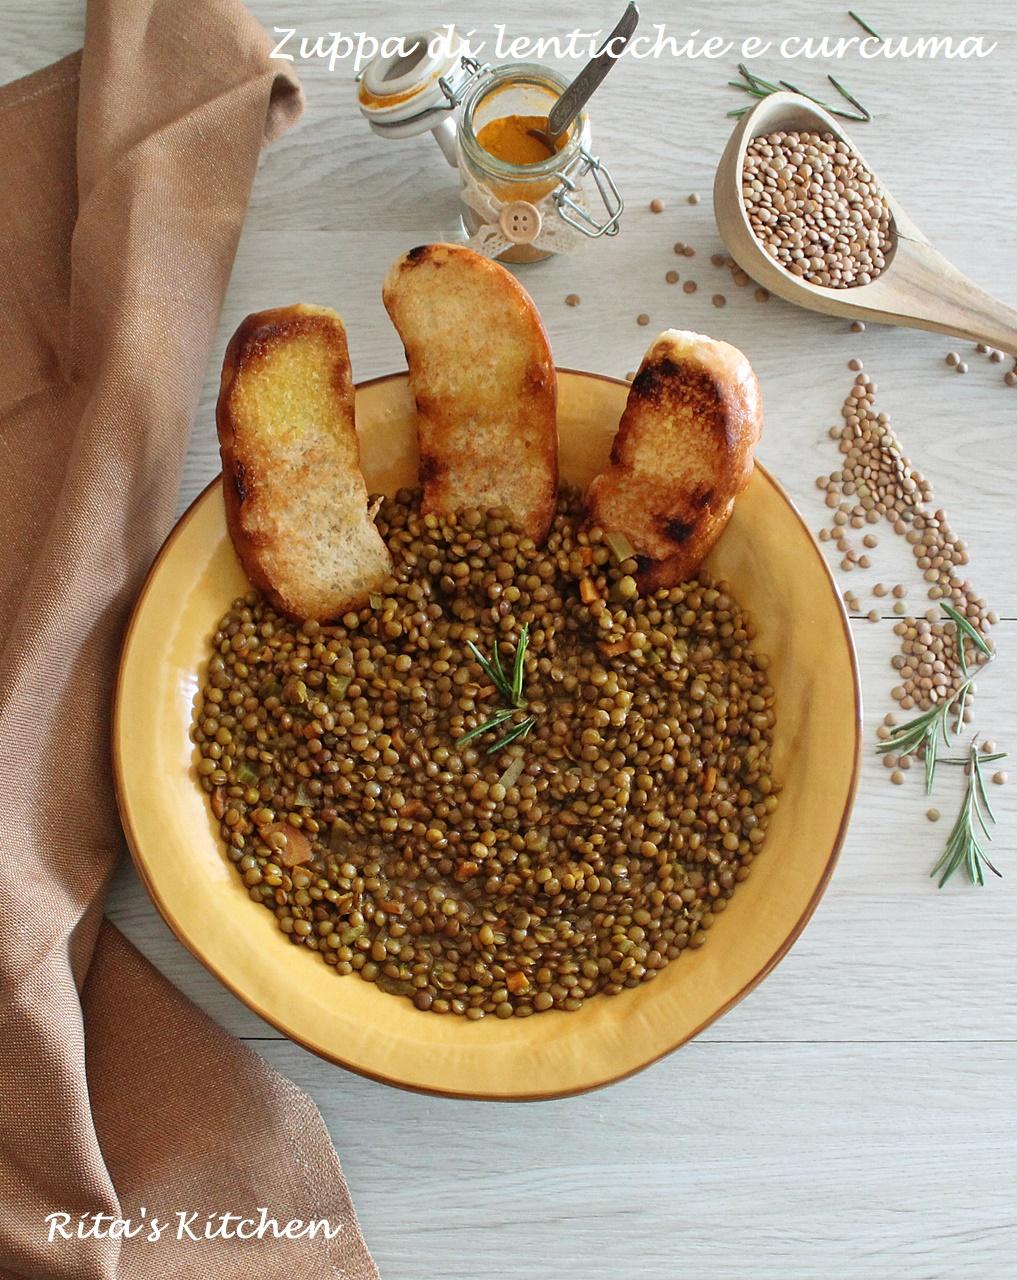 Ricetta Lenticchie Gia Lessate.Zuppa Di Lenticchie E Curcuma Rita S Kitchen